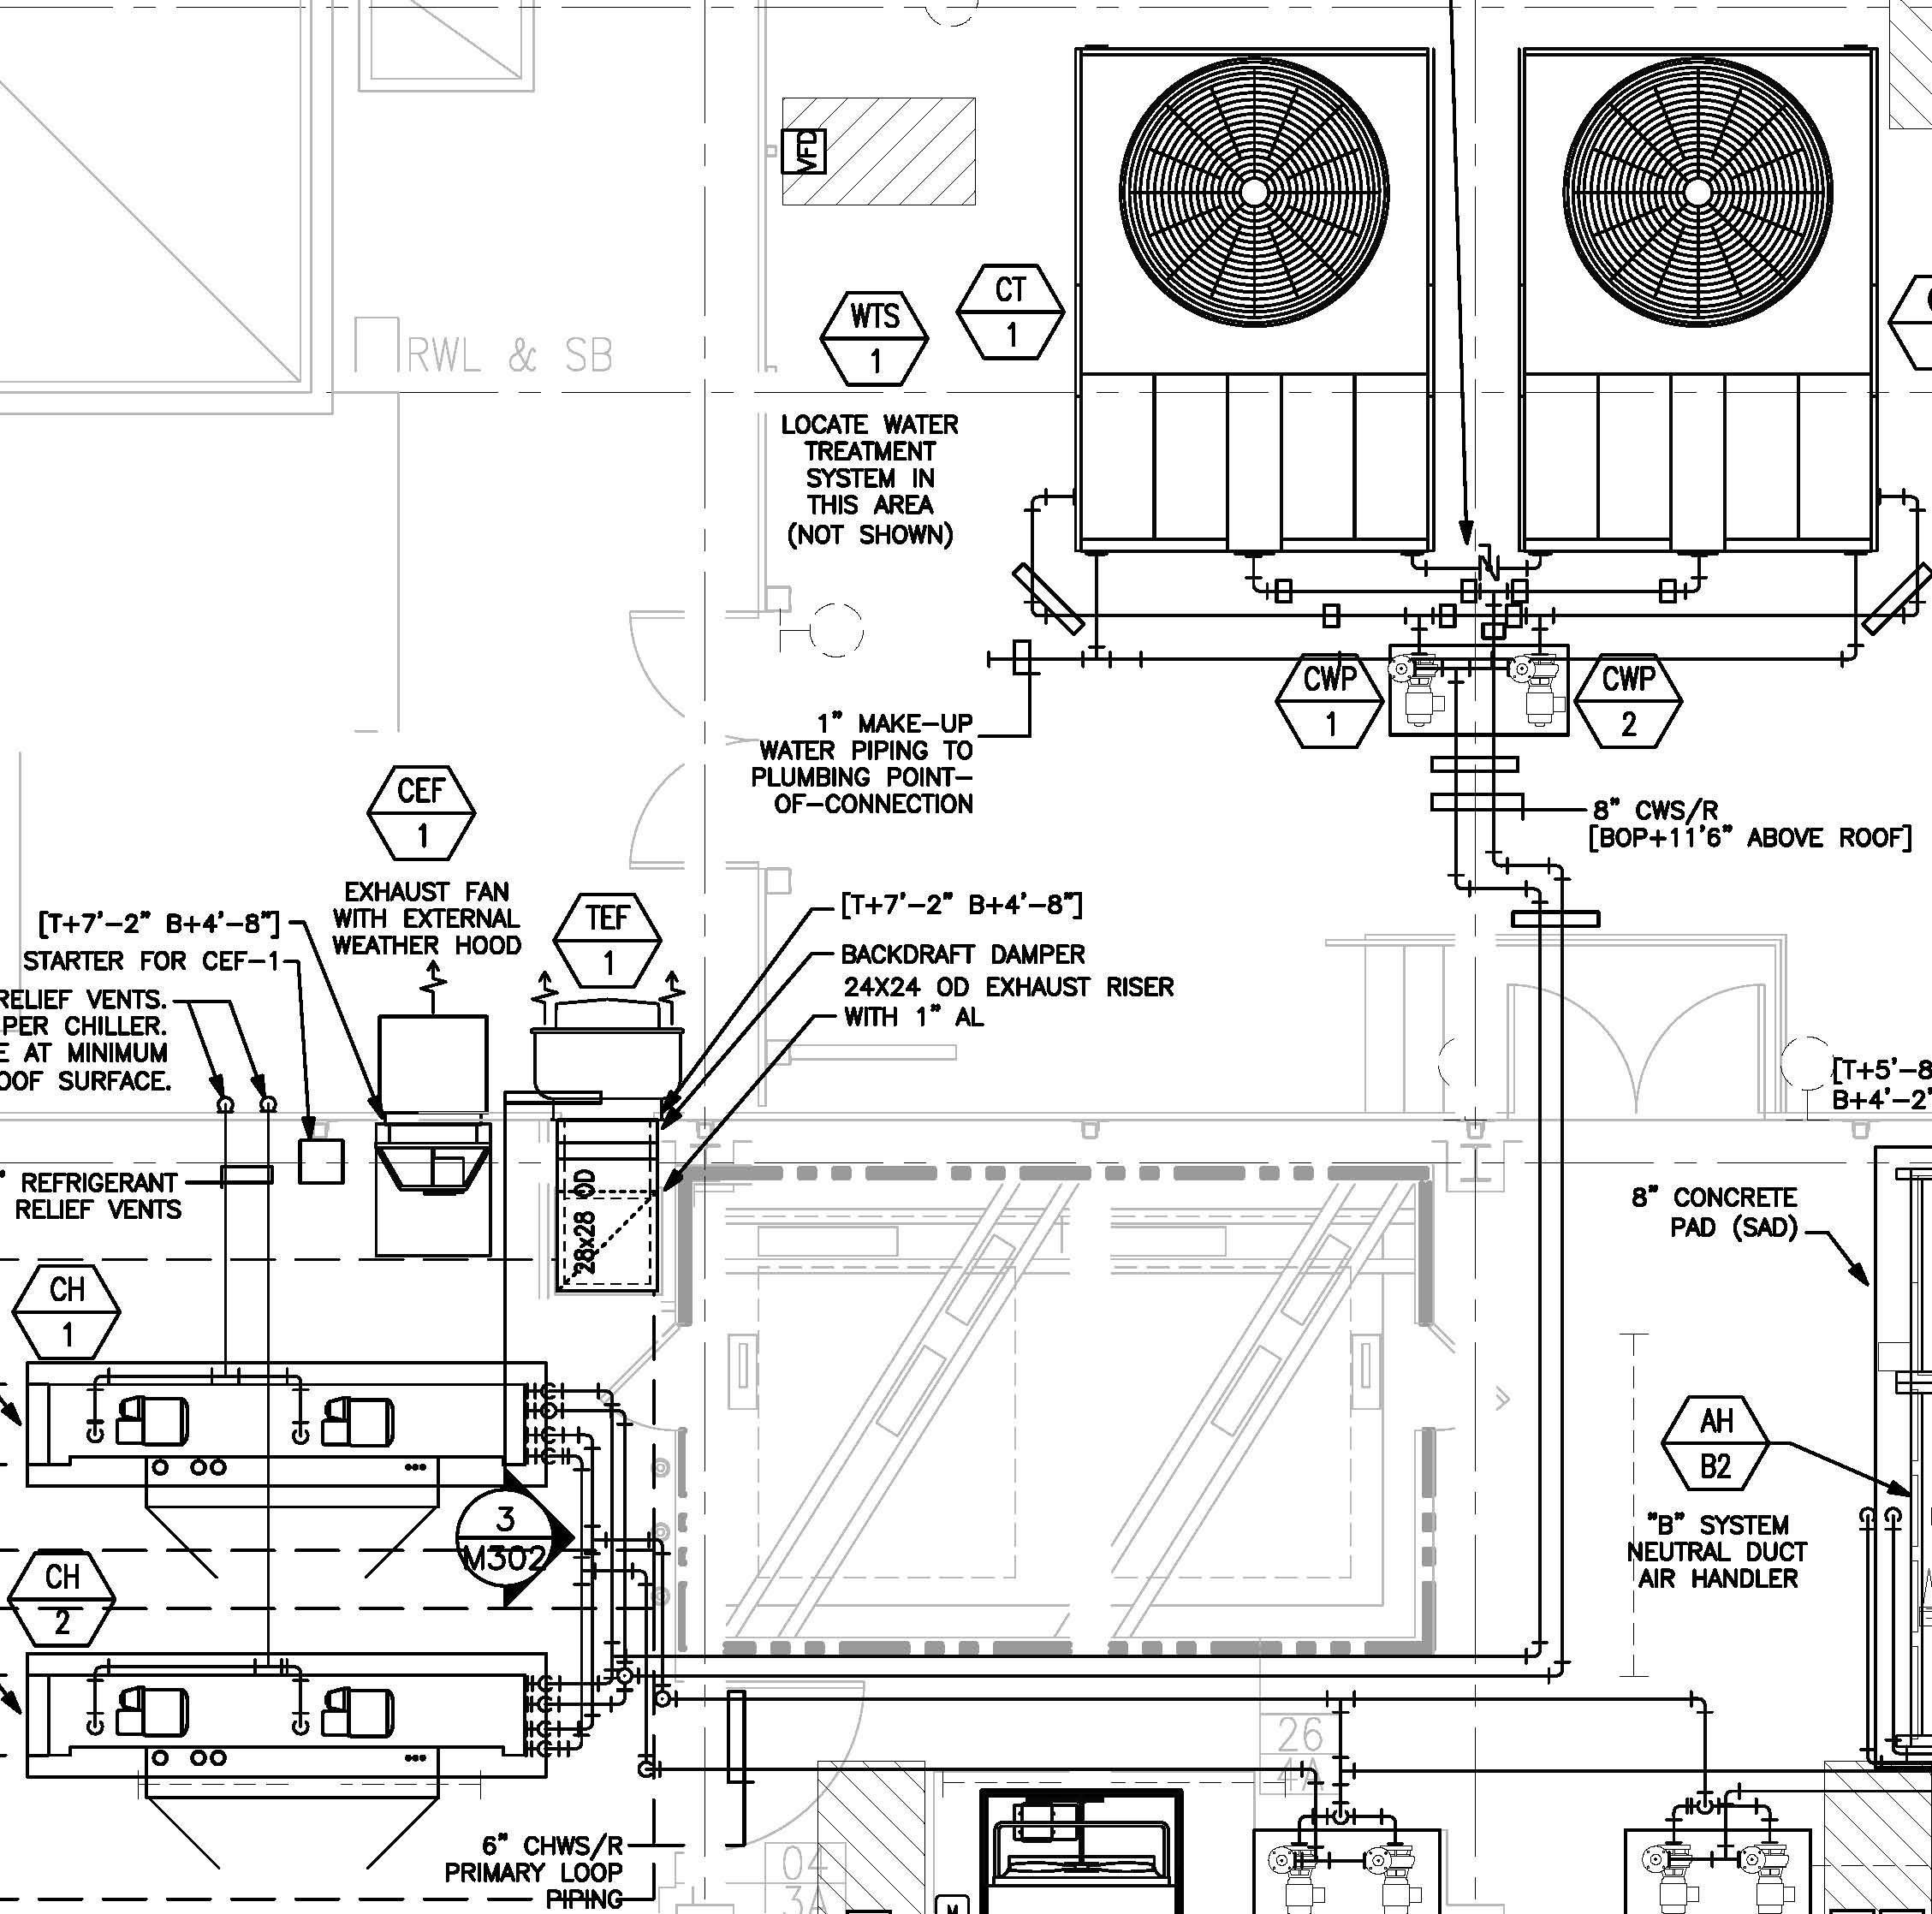 Ezgo Golf Cart Parts Diagram Ez Go Marathon Golf Cart Wiring Diagram Reference Wiring Diagram Of Ezgo Golf Cart Parts Diagram